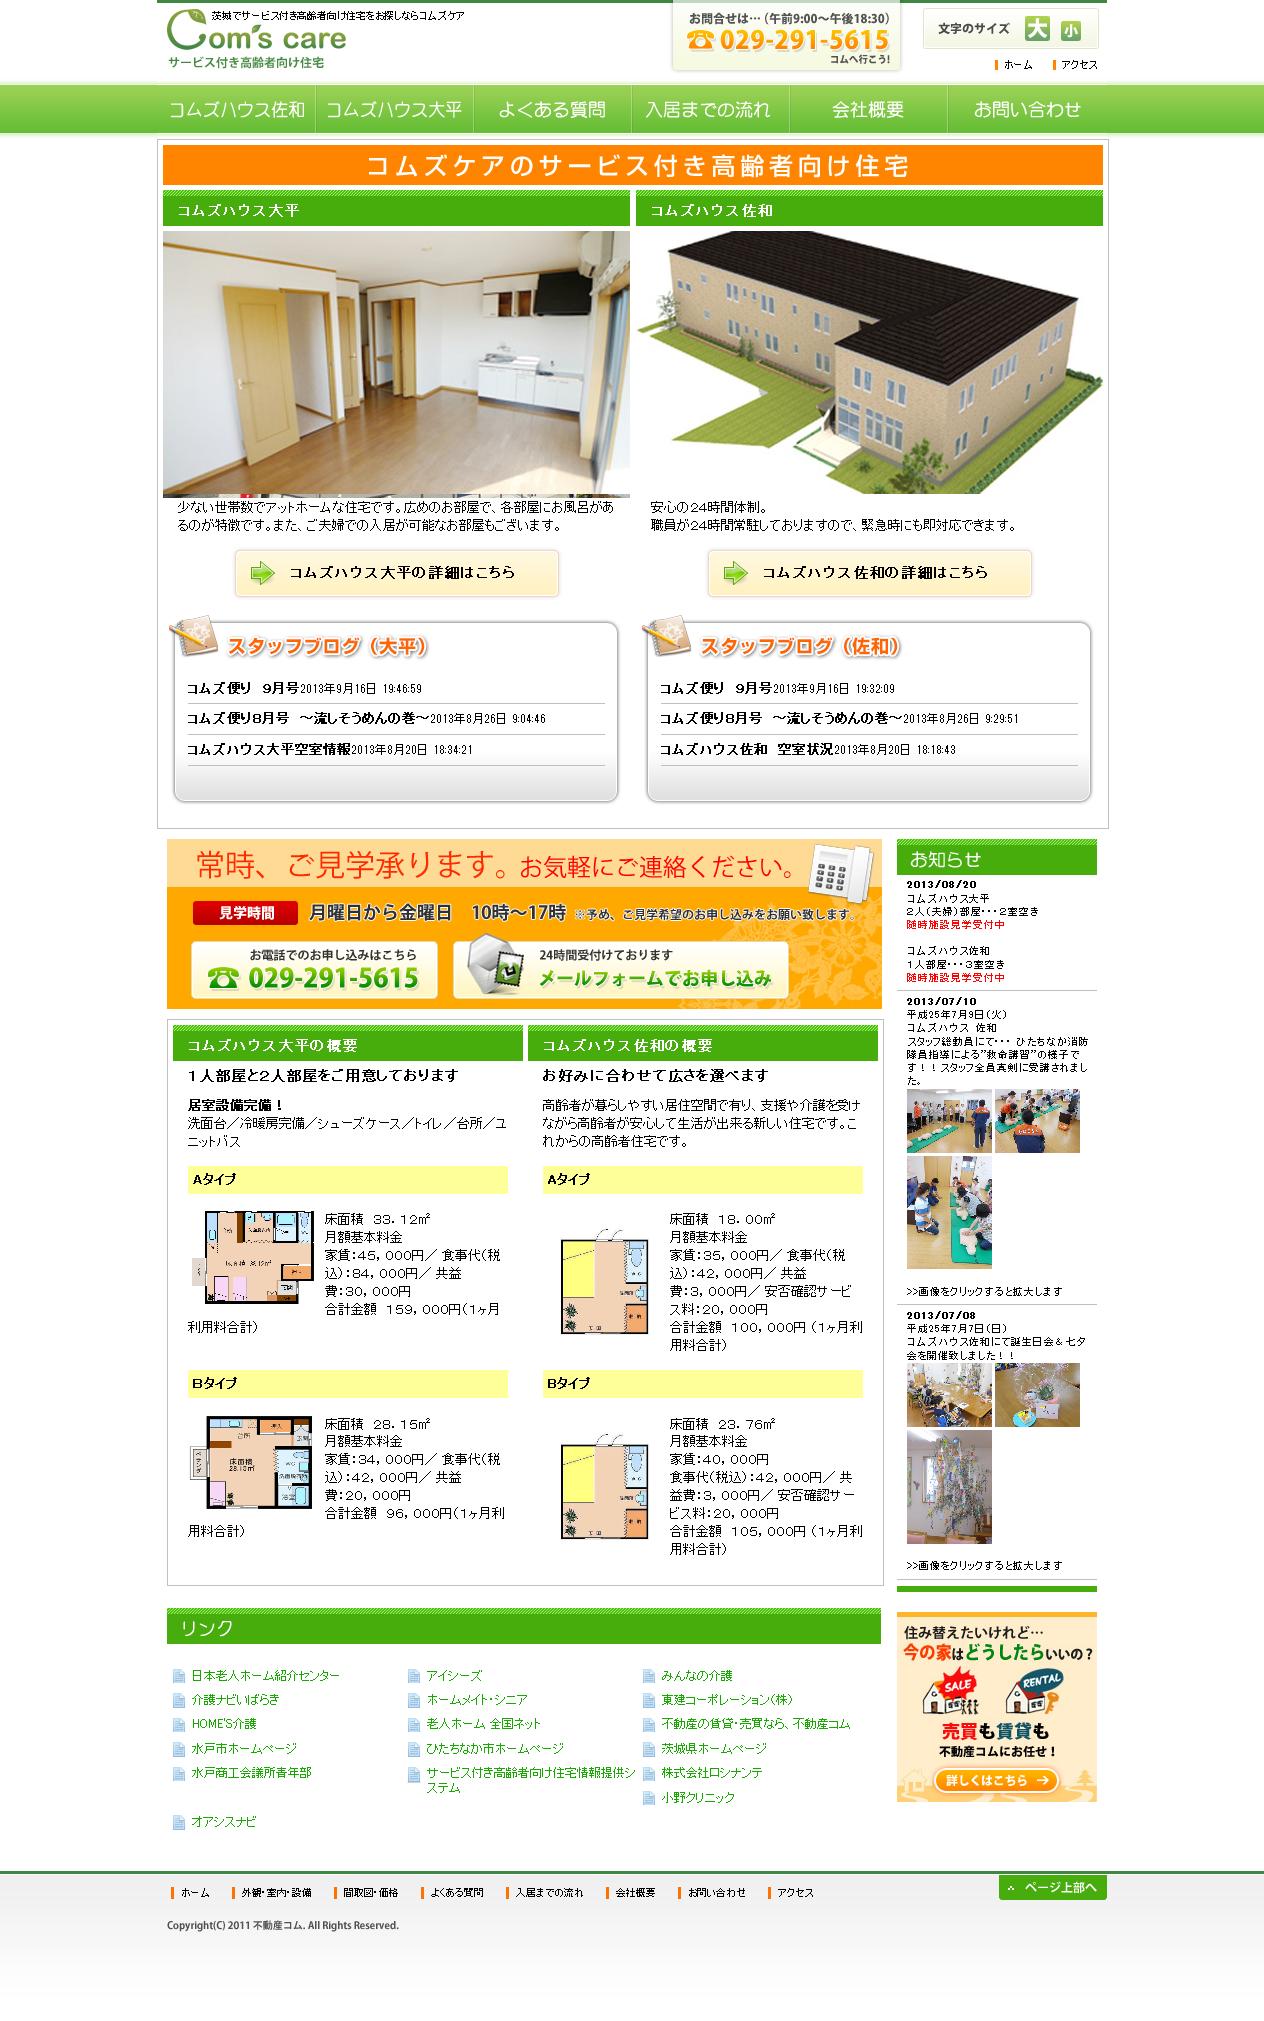 茨城の高齢者専用賃貸住宅 コムズケア様の実績イメージ